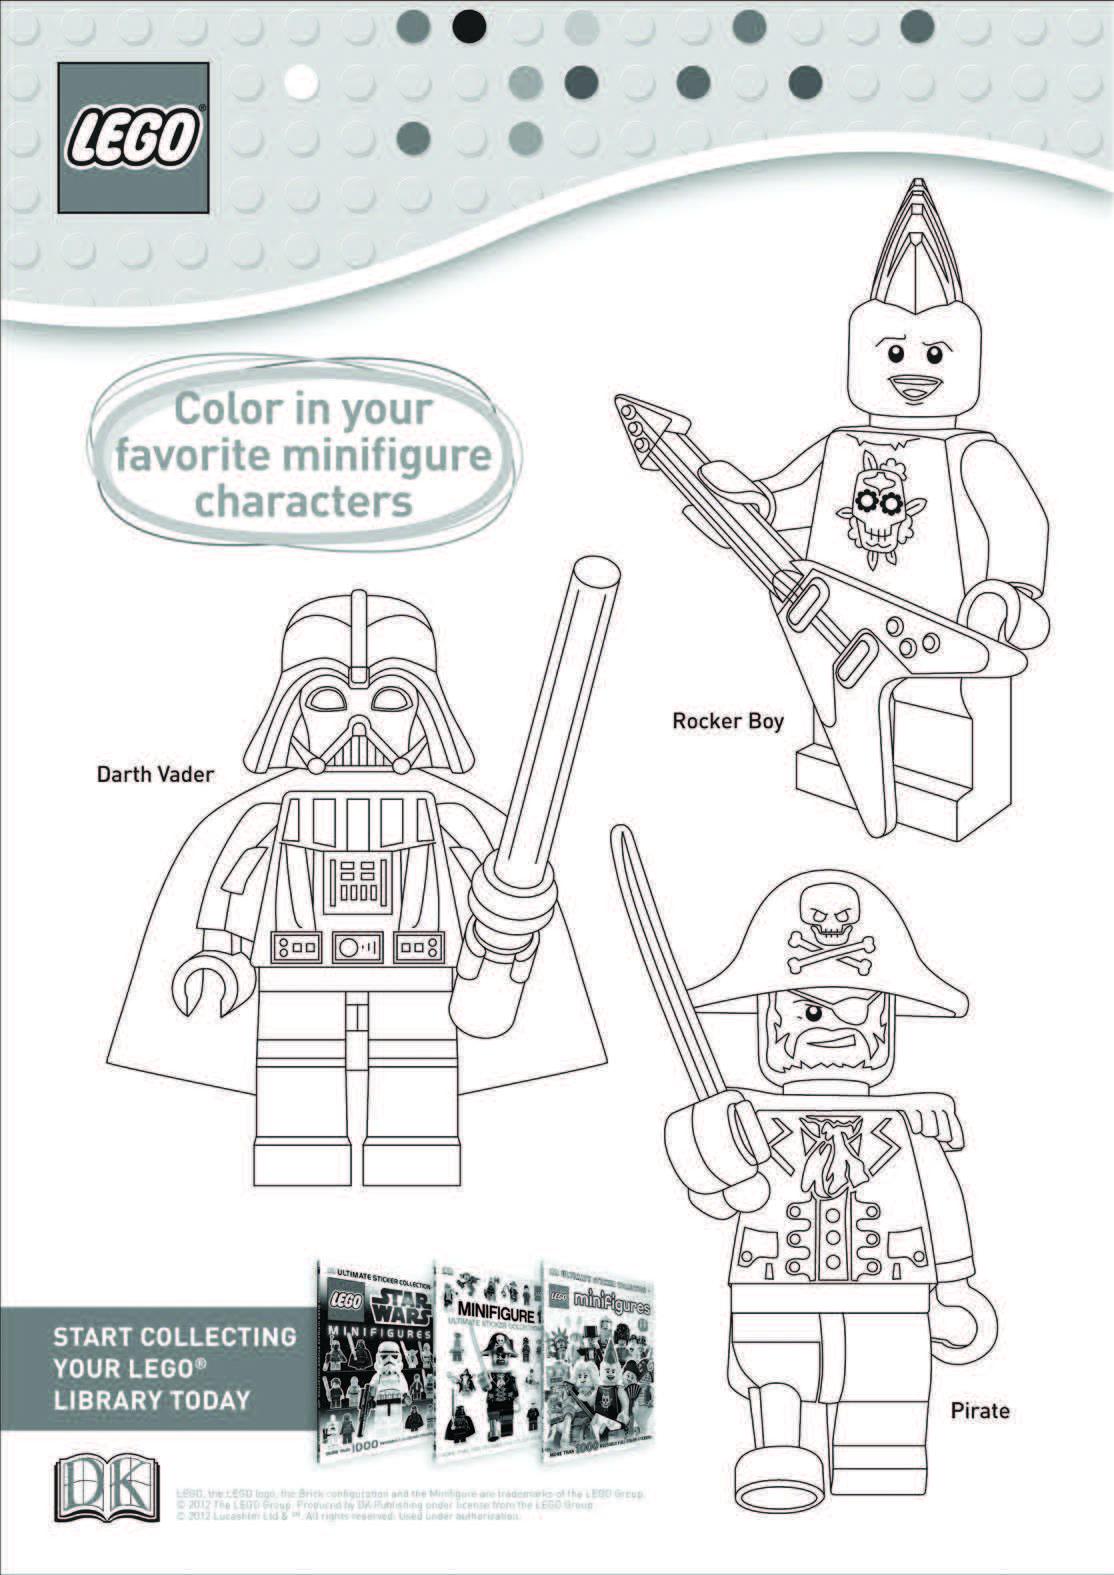 Lego Coloring Sheet Disney Orlando